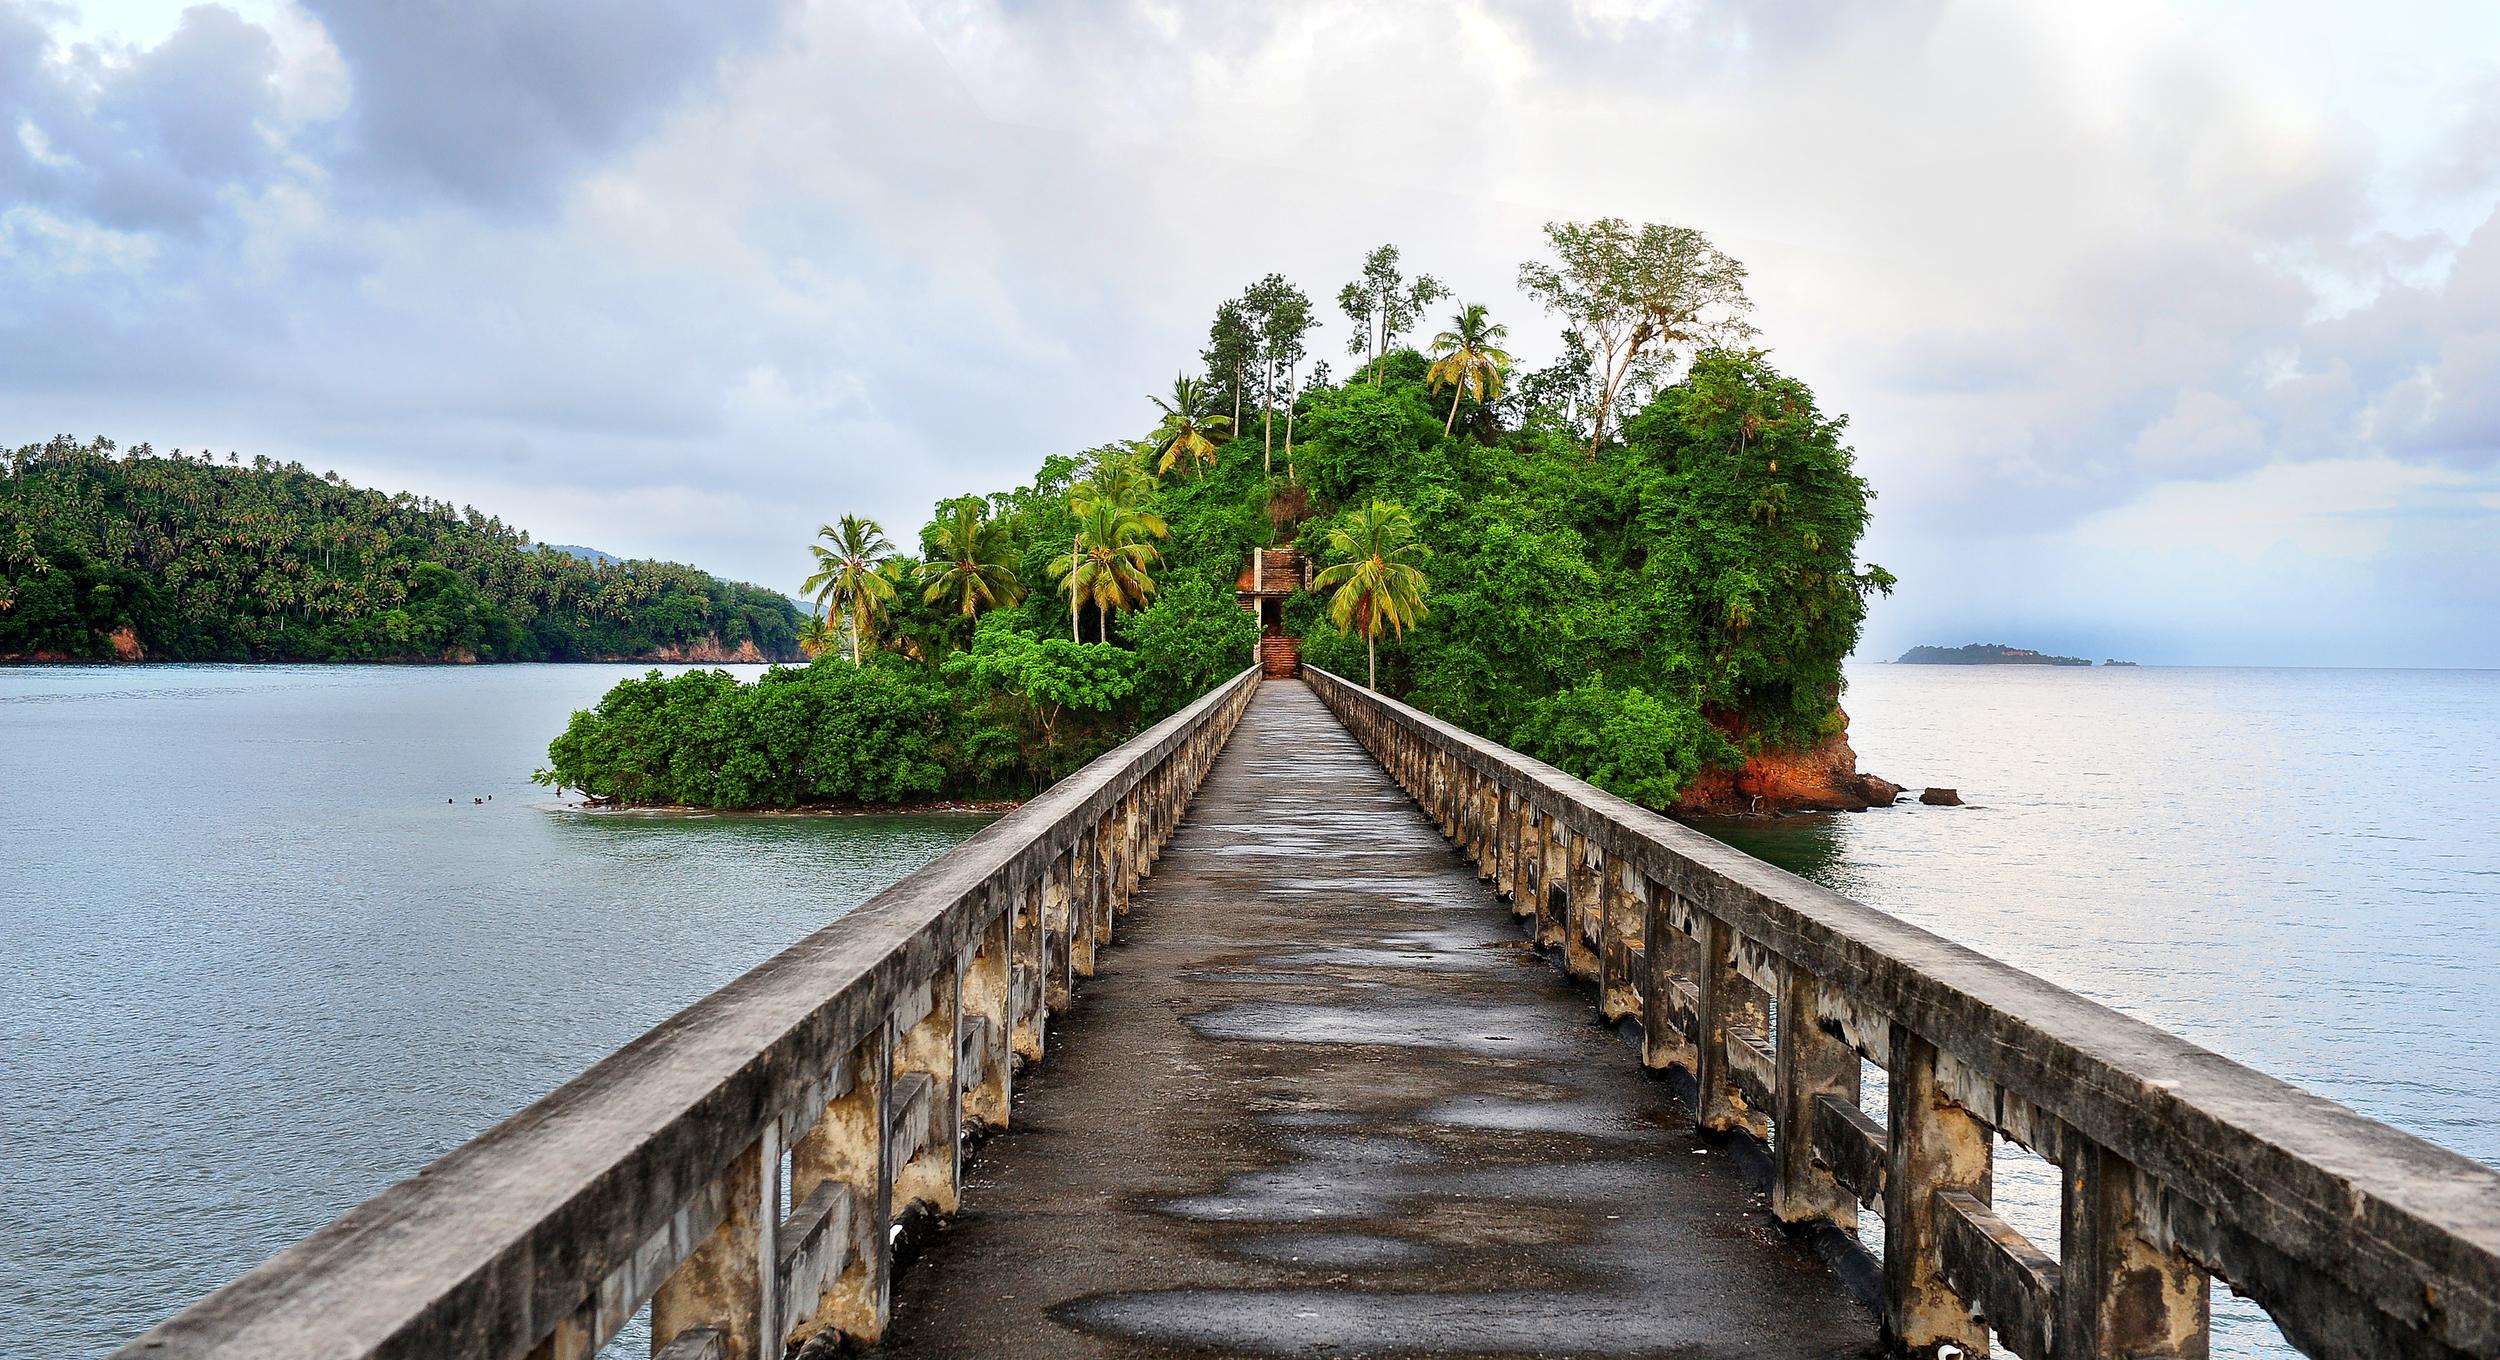 VERLASSENE INSEL - DOMINIKANISCHE REPUBLIK